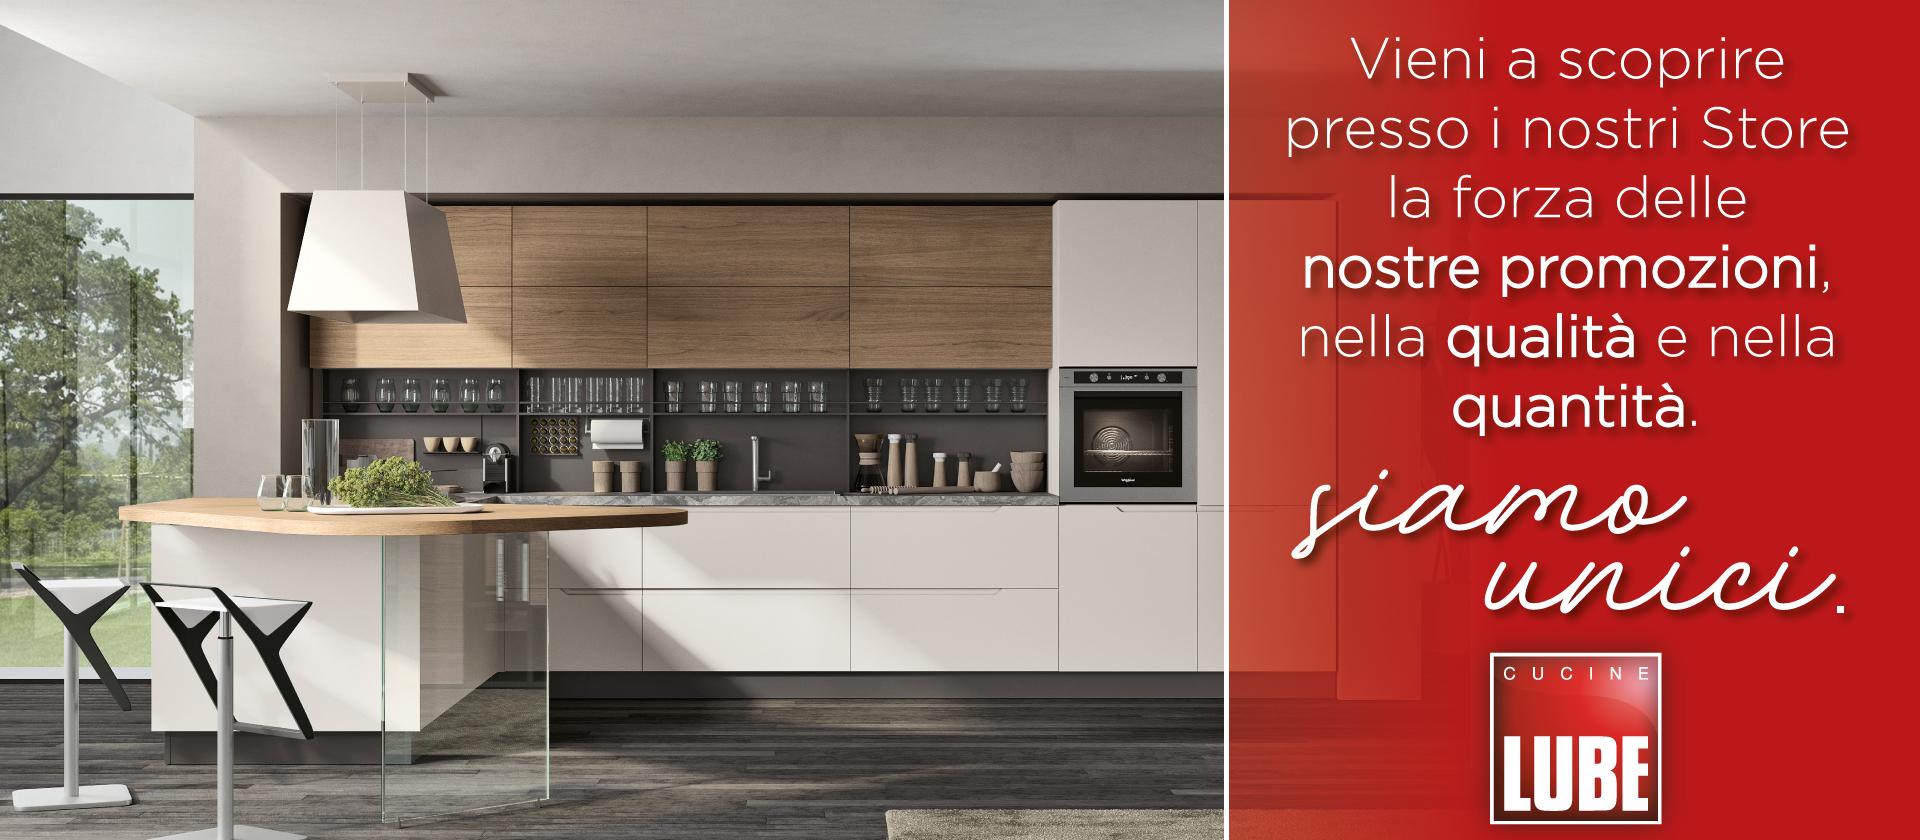 Cucine Low Cost Brescia cascella mobili | arredamento su misura su spazi e budget